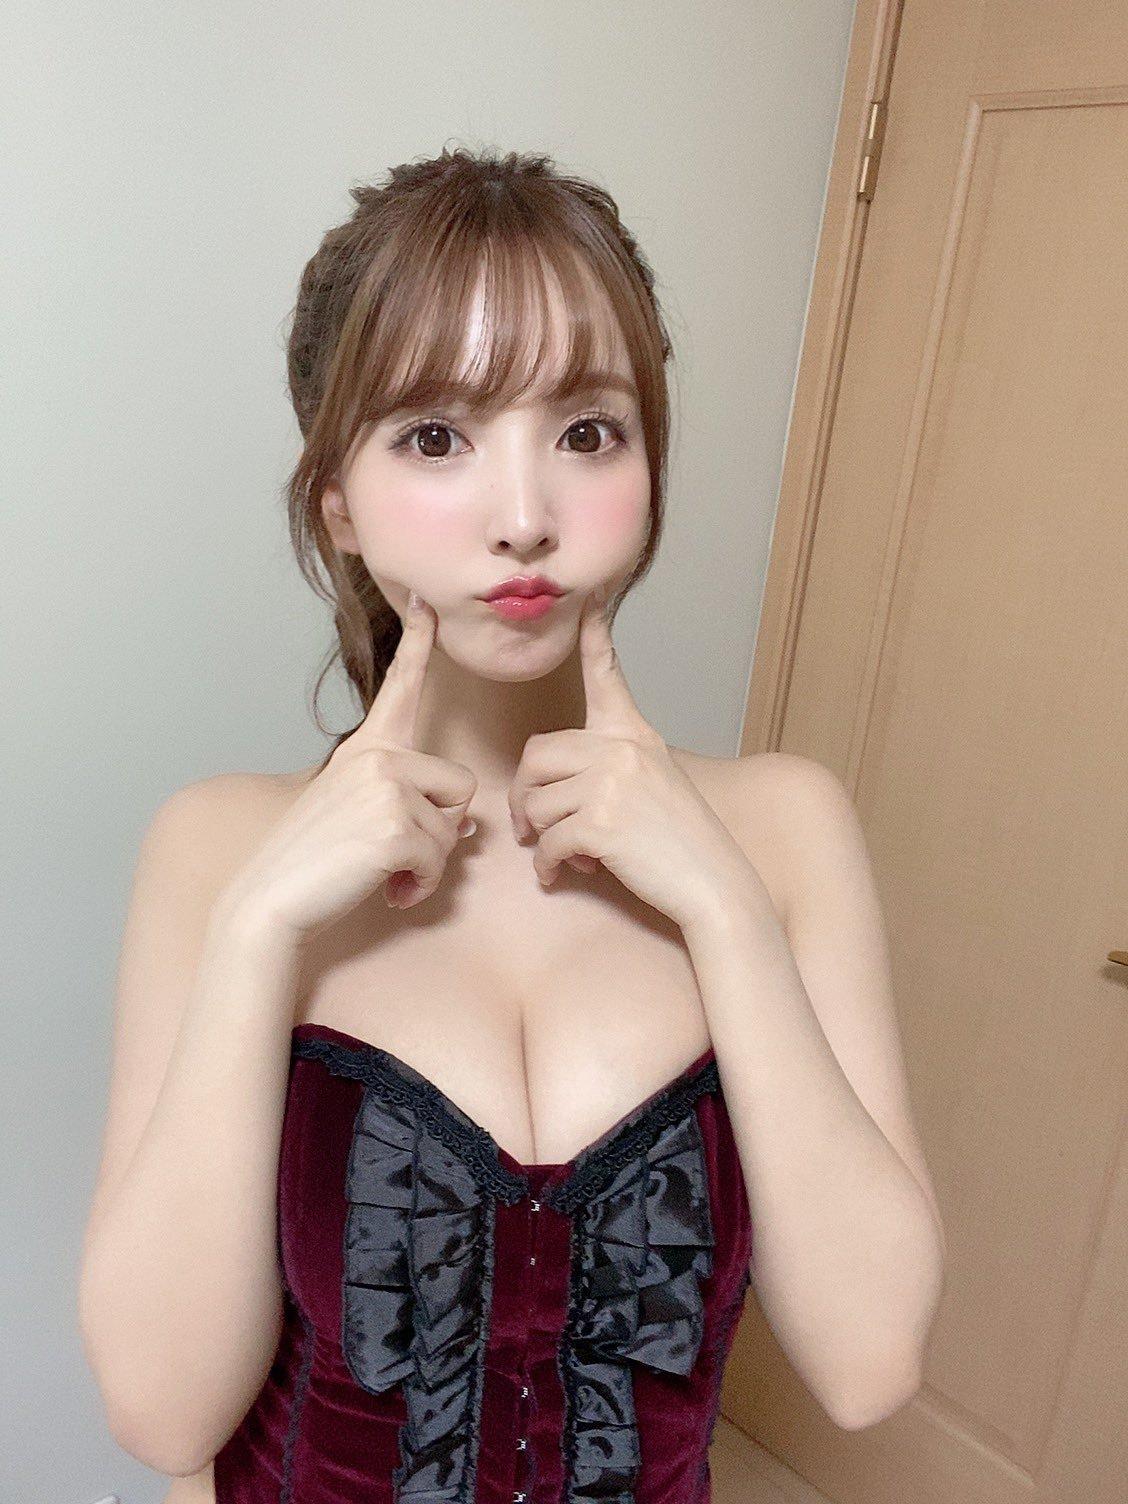 yua_mikami 1269458628349538305_p0